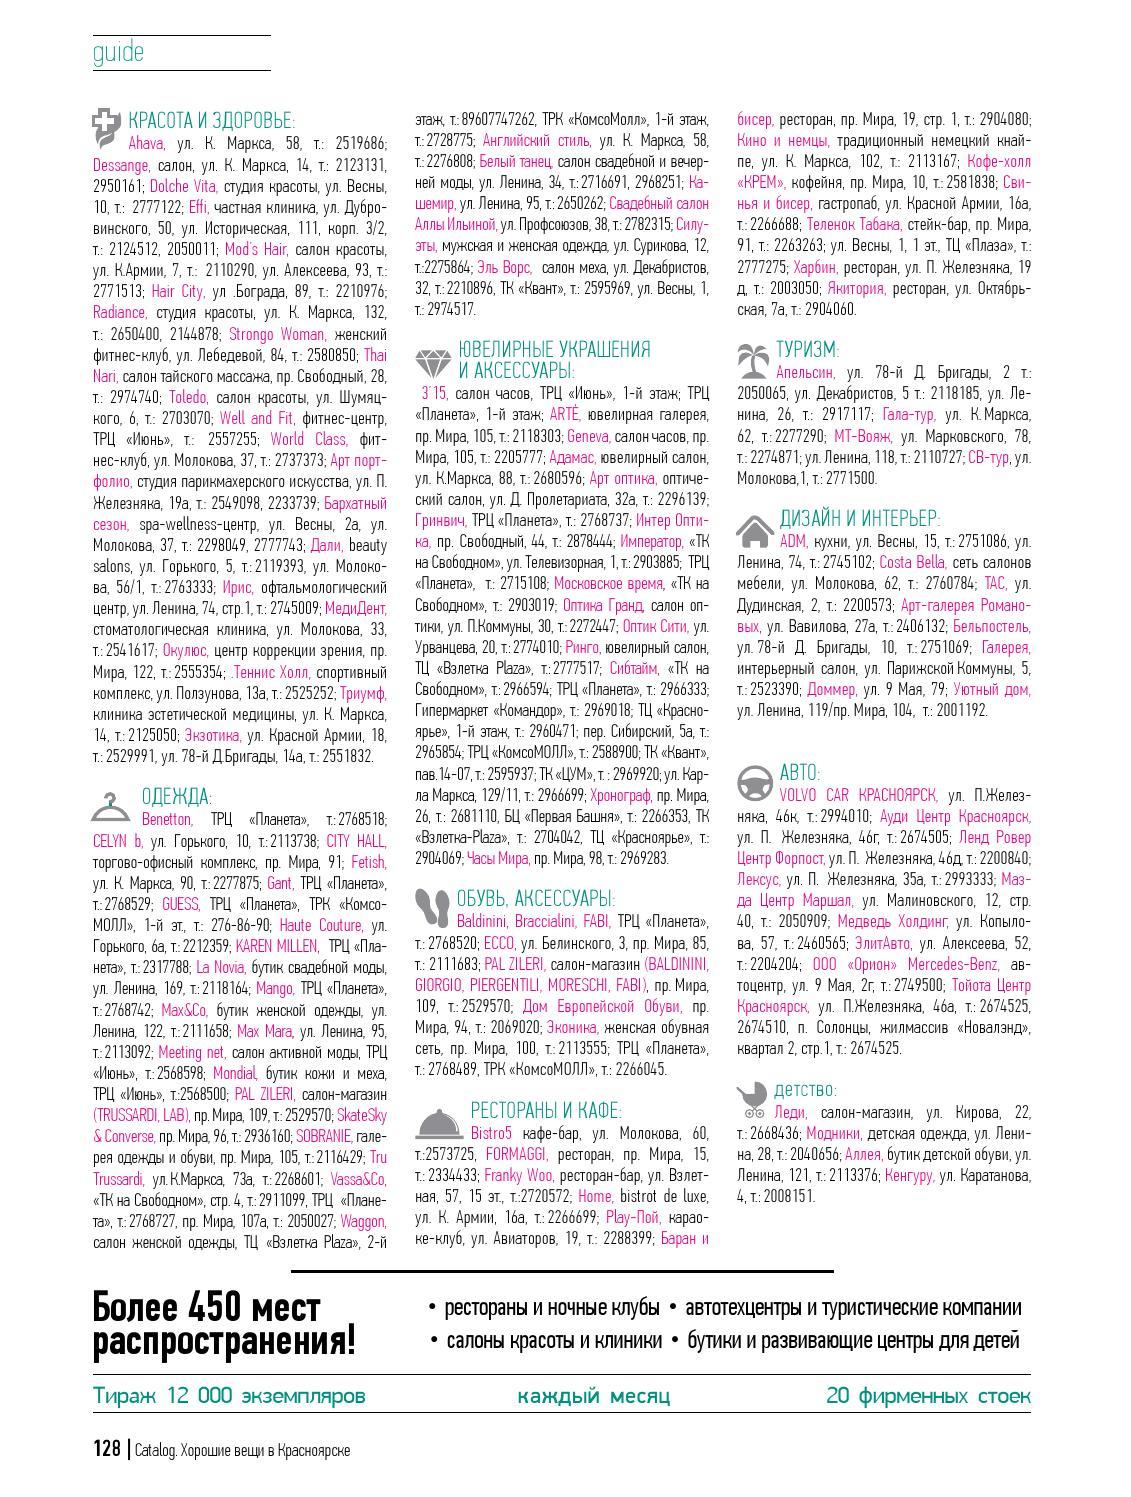 74aa7220123 12 (126) декабрь Catalog. Хорошие вещи в Красноярске by Журналы Стольник и  Catalog Красноярск - issuu